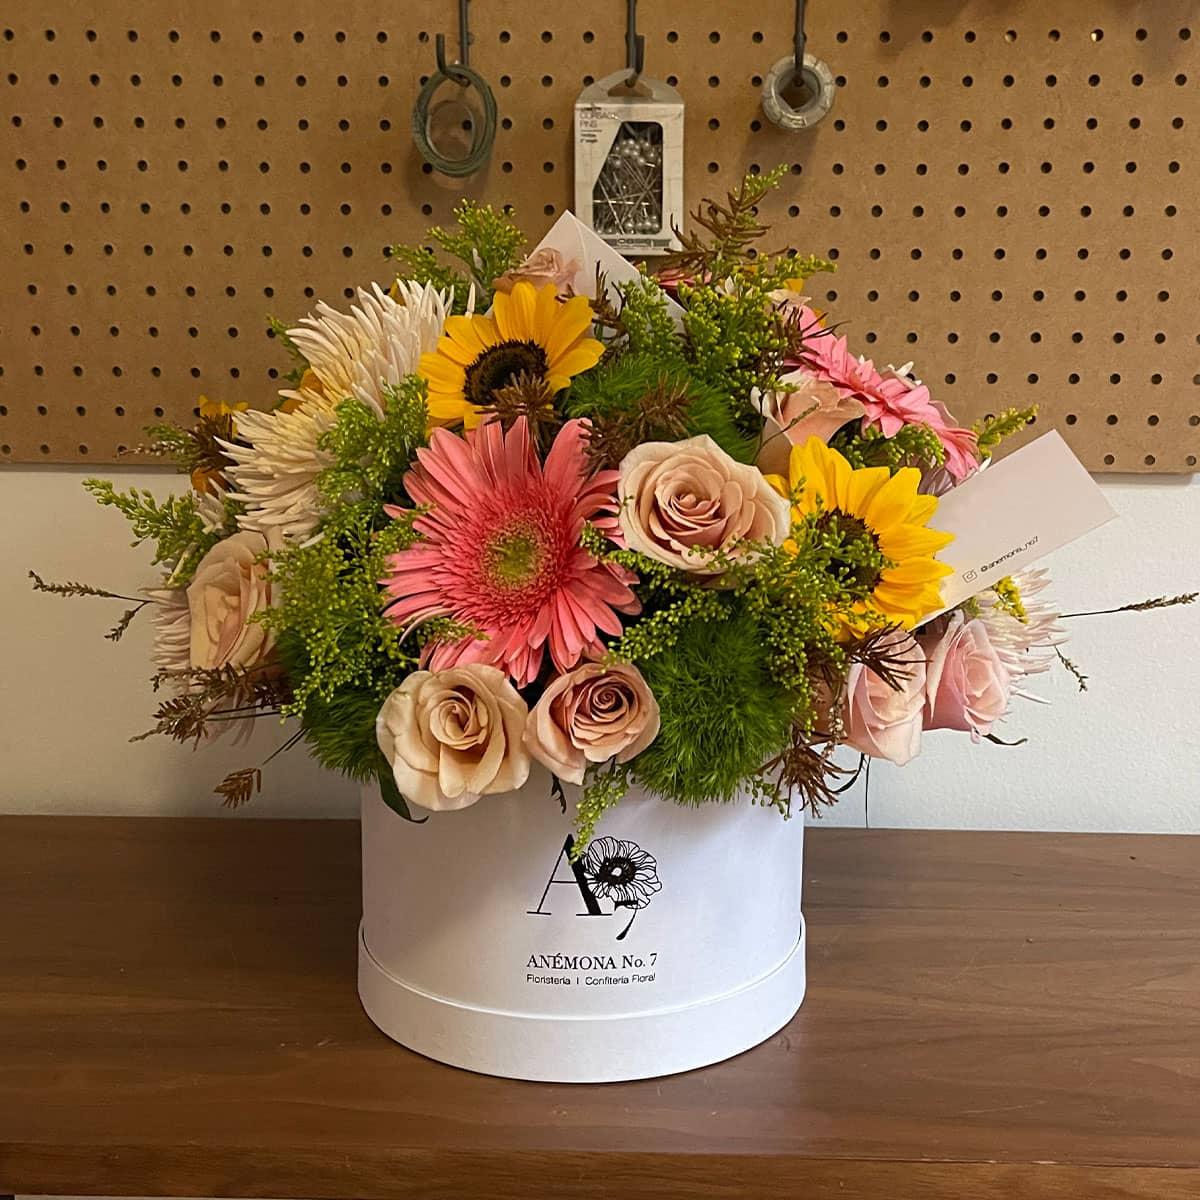 arreglo de girasoles con rosas y gerberas